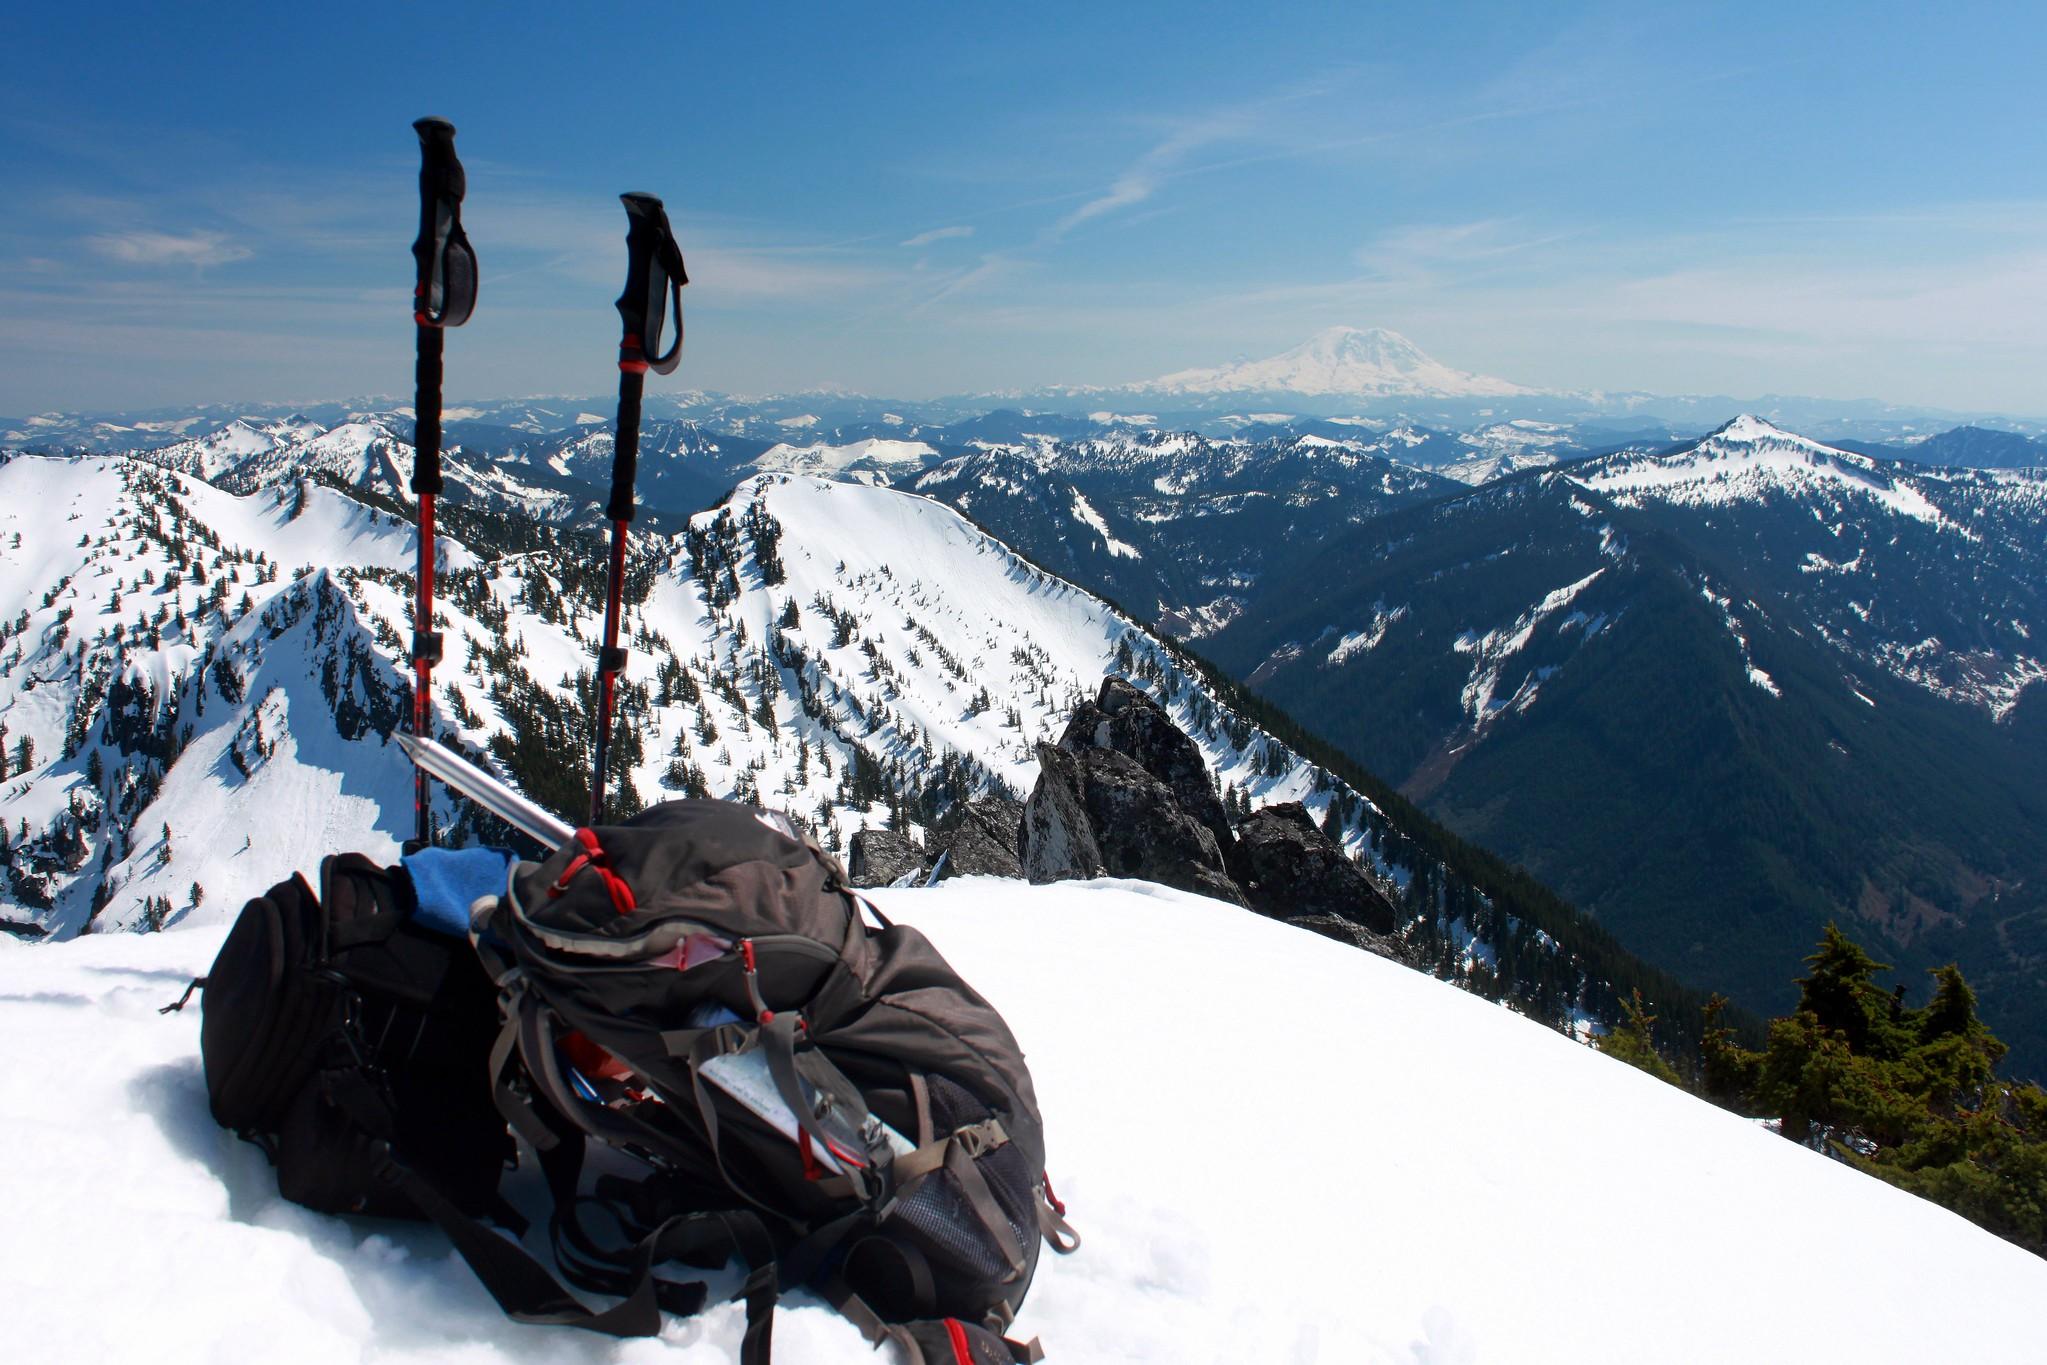 Summit joy